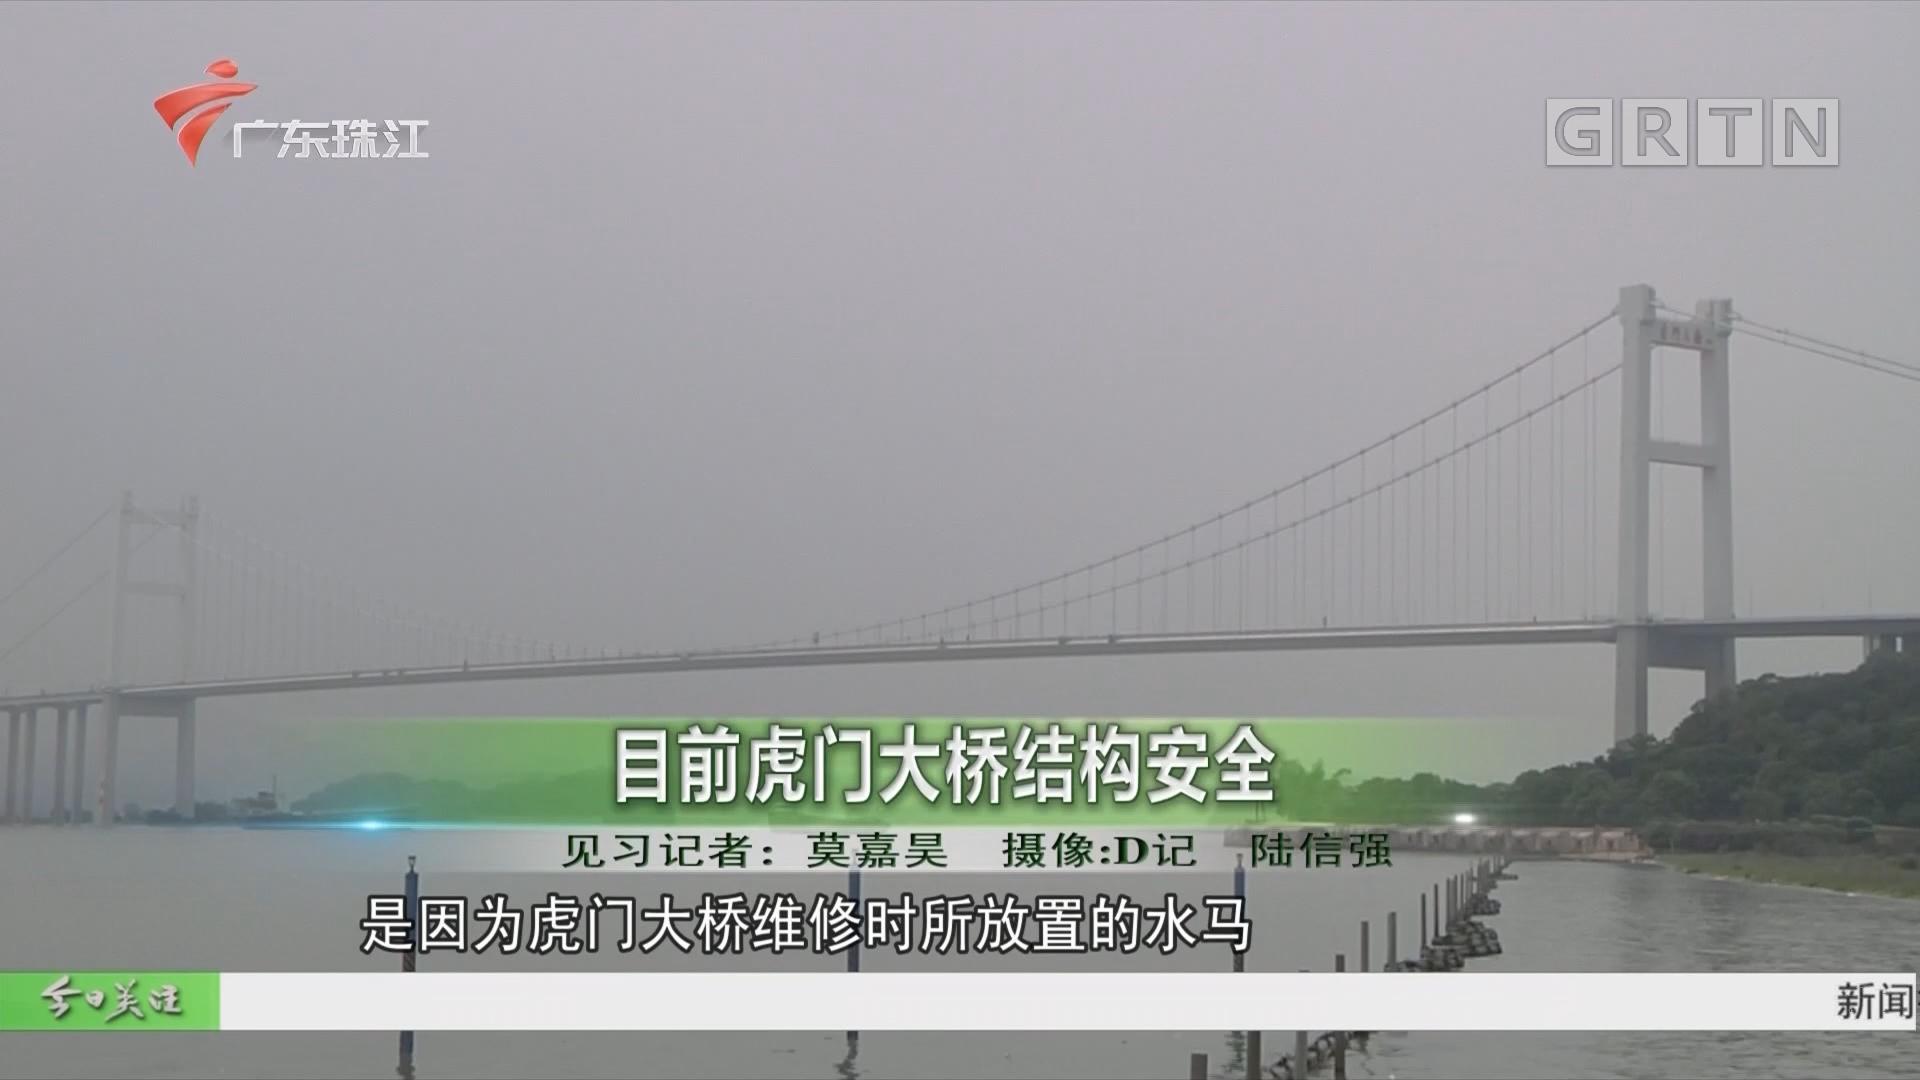 目前虎門大橋結構安全